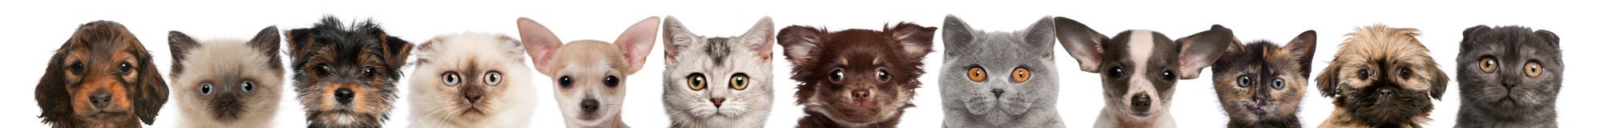 Beskåda av valp- och kattungehuvud royaltyfri fotografi